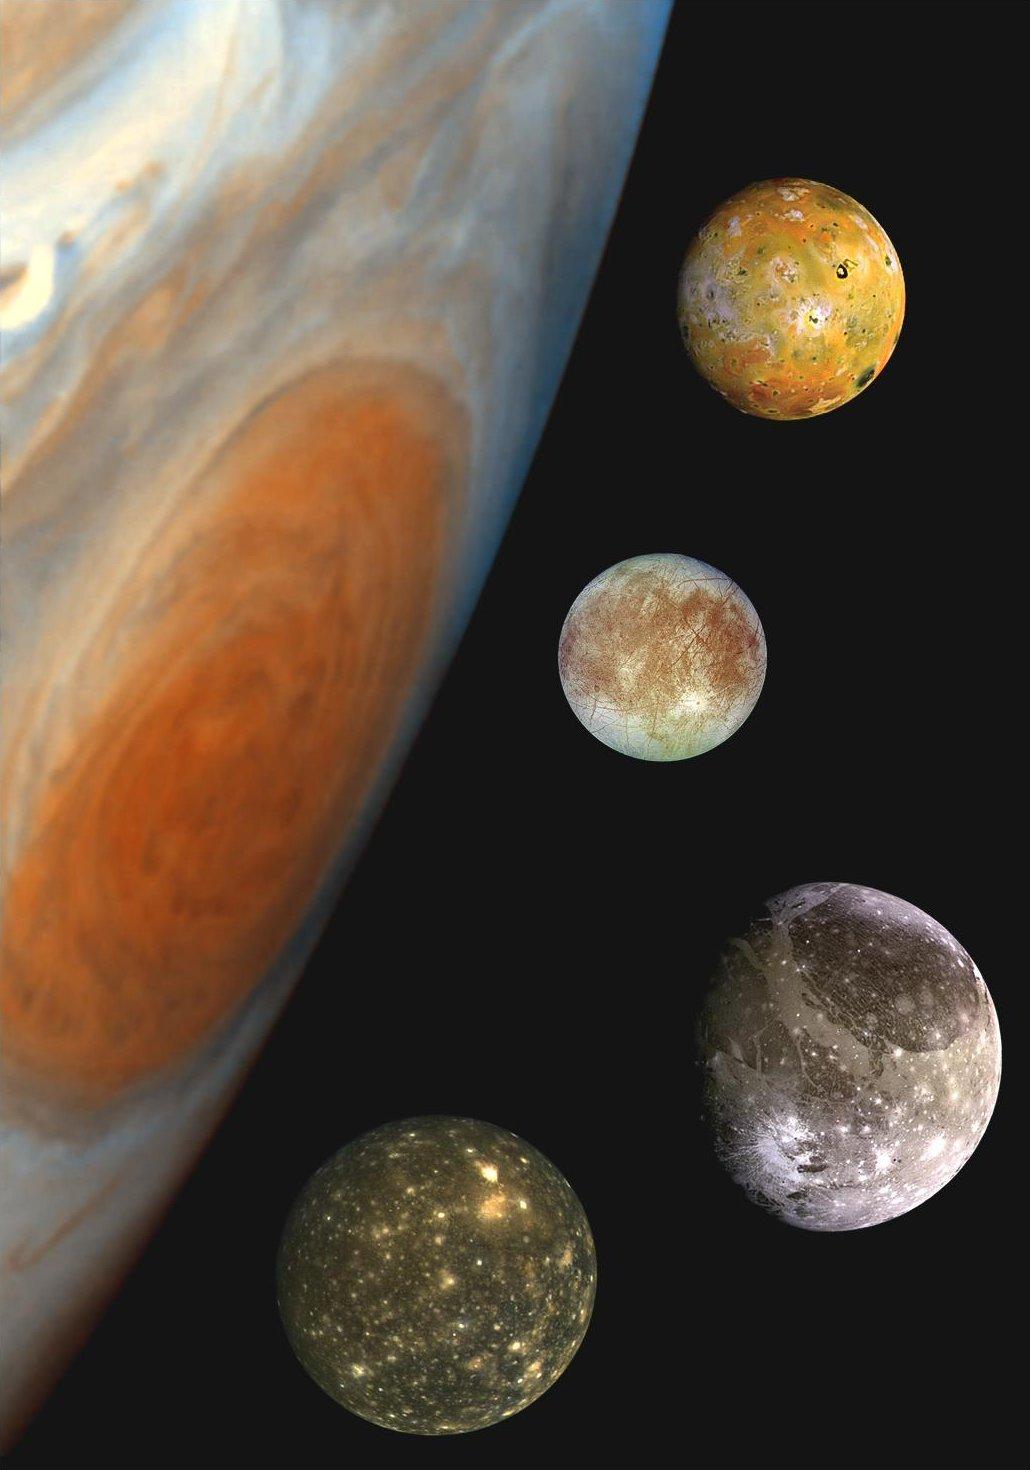 Реальные фото планет солнечной системы